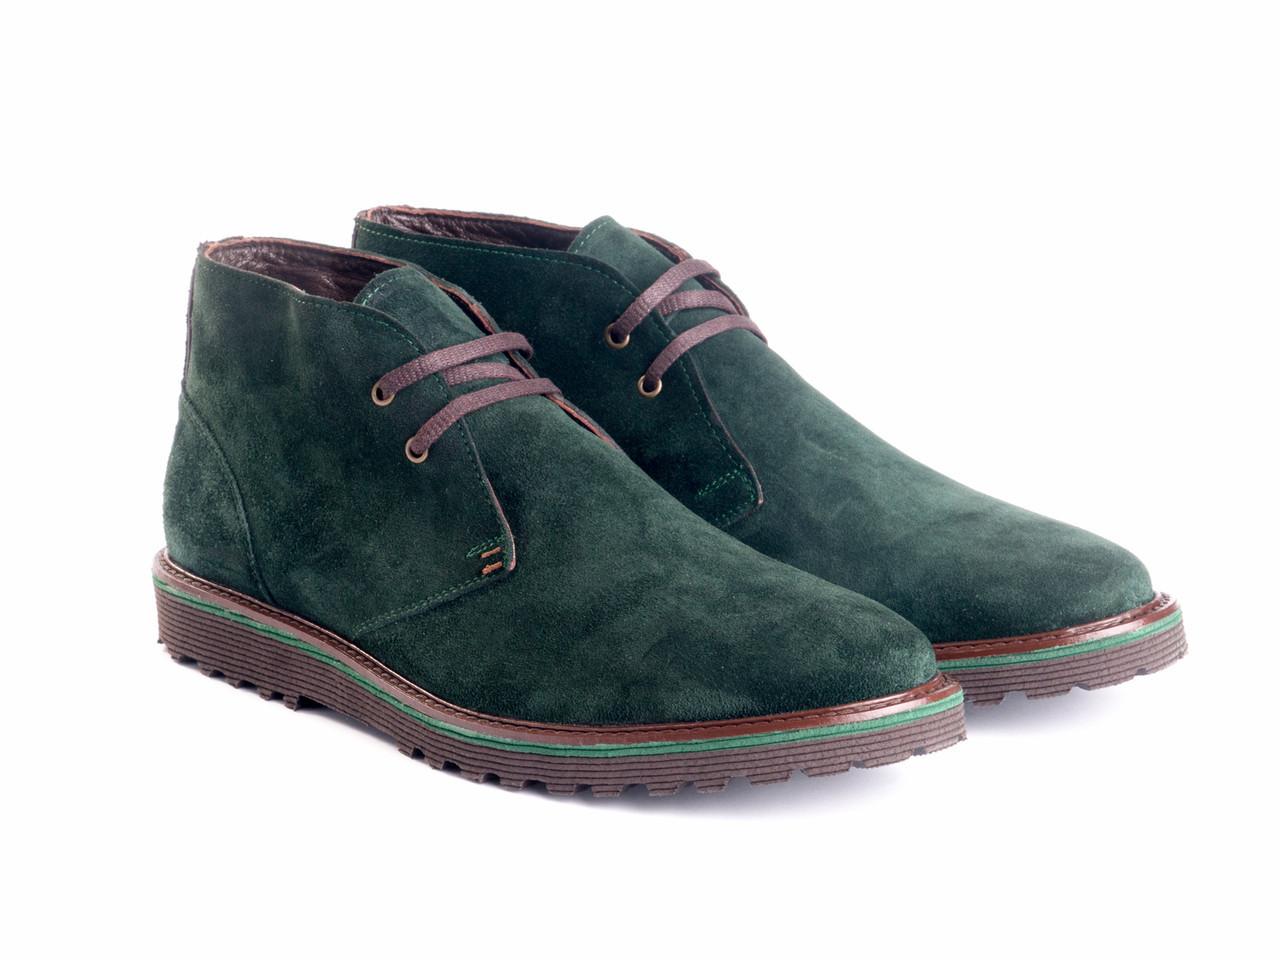 Ботинки Etor 11823-08-847-0287 42 зеленые